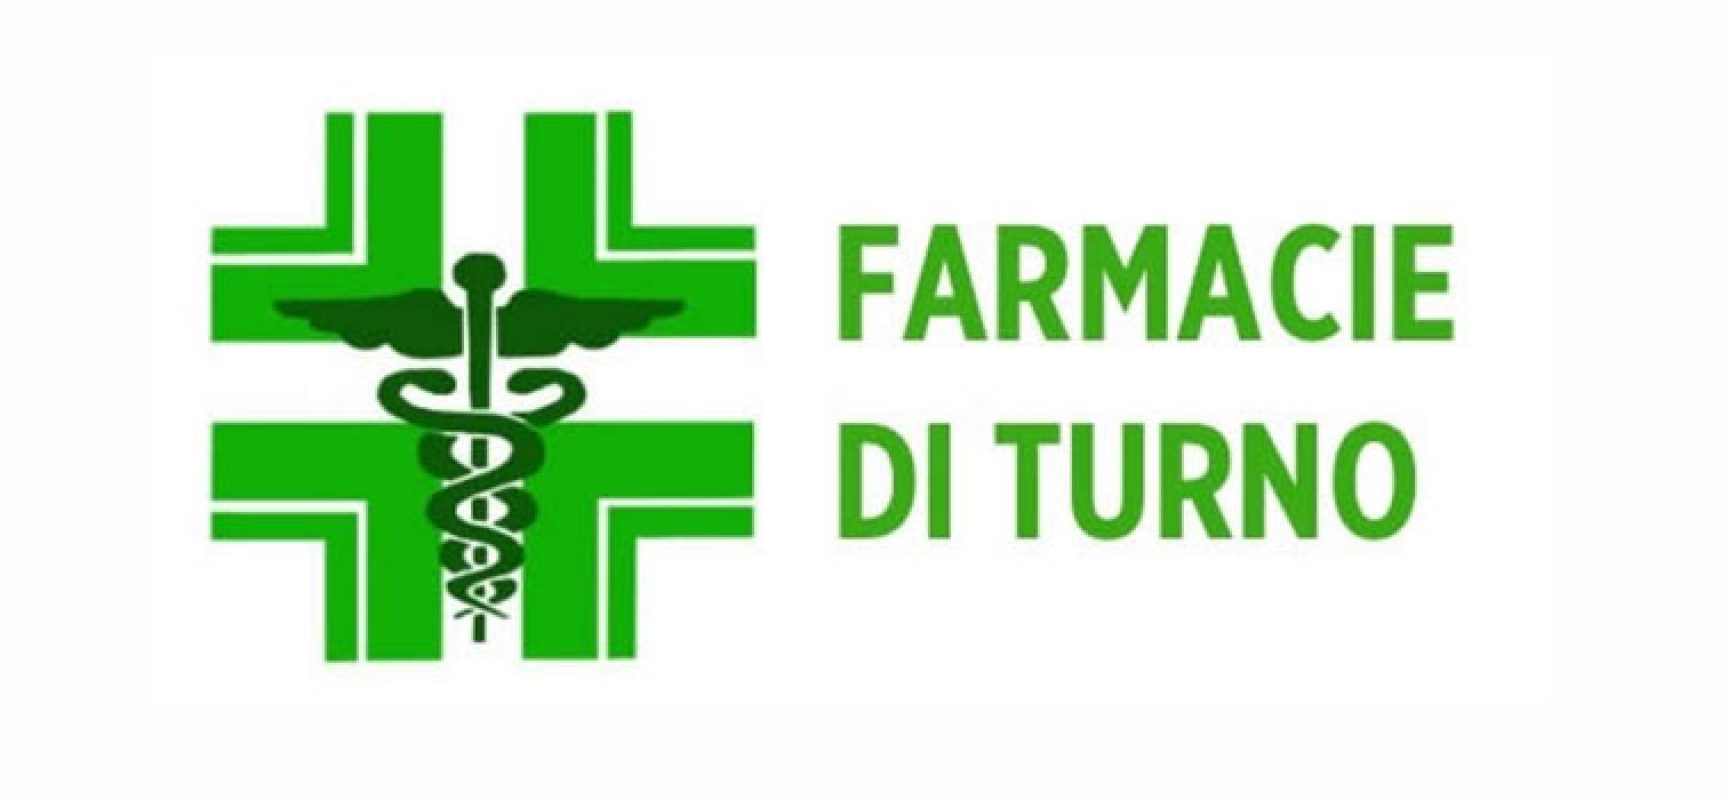 Farmacie di turno dall'11 al 17 gennaio